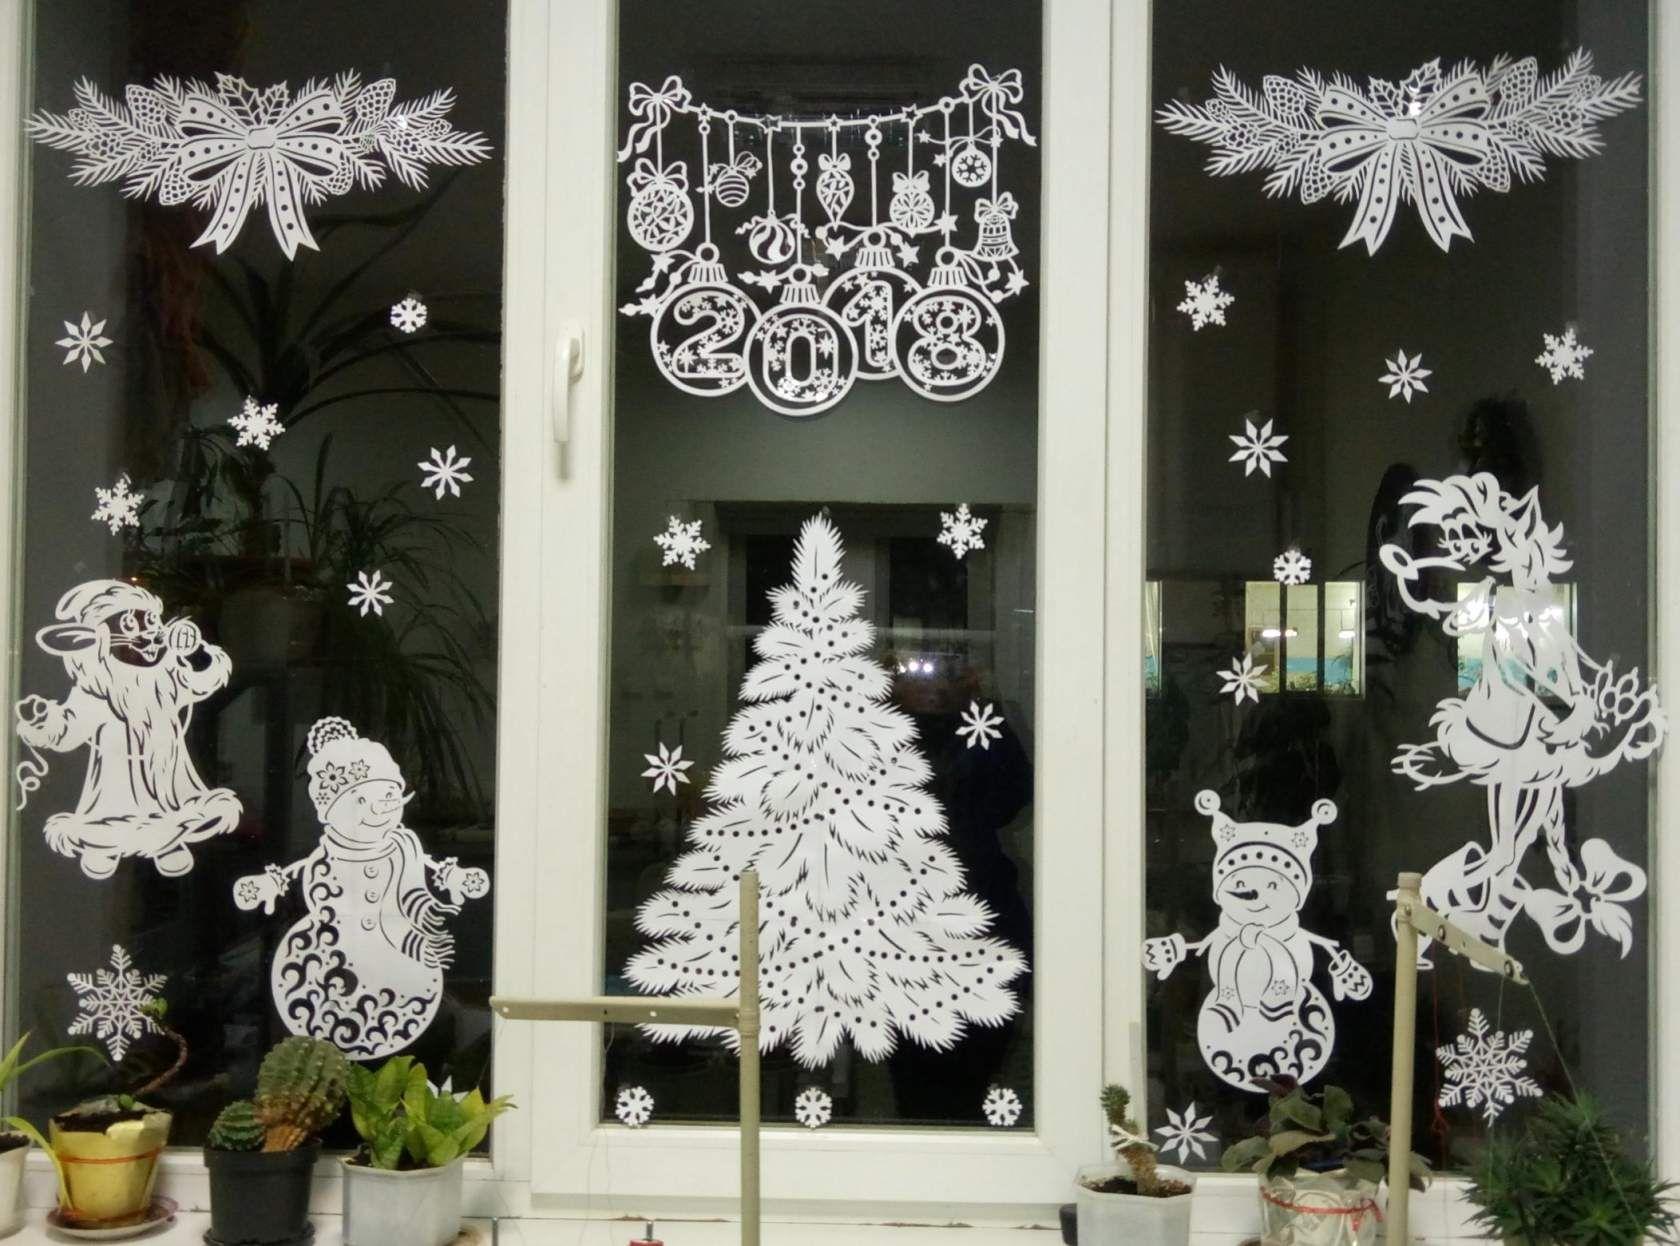 инцидента сообщили как украсить окно к новому году фото меняют таможенный код